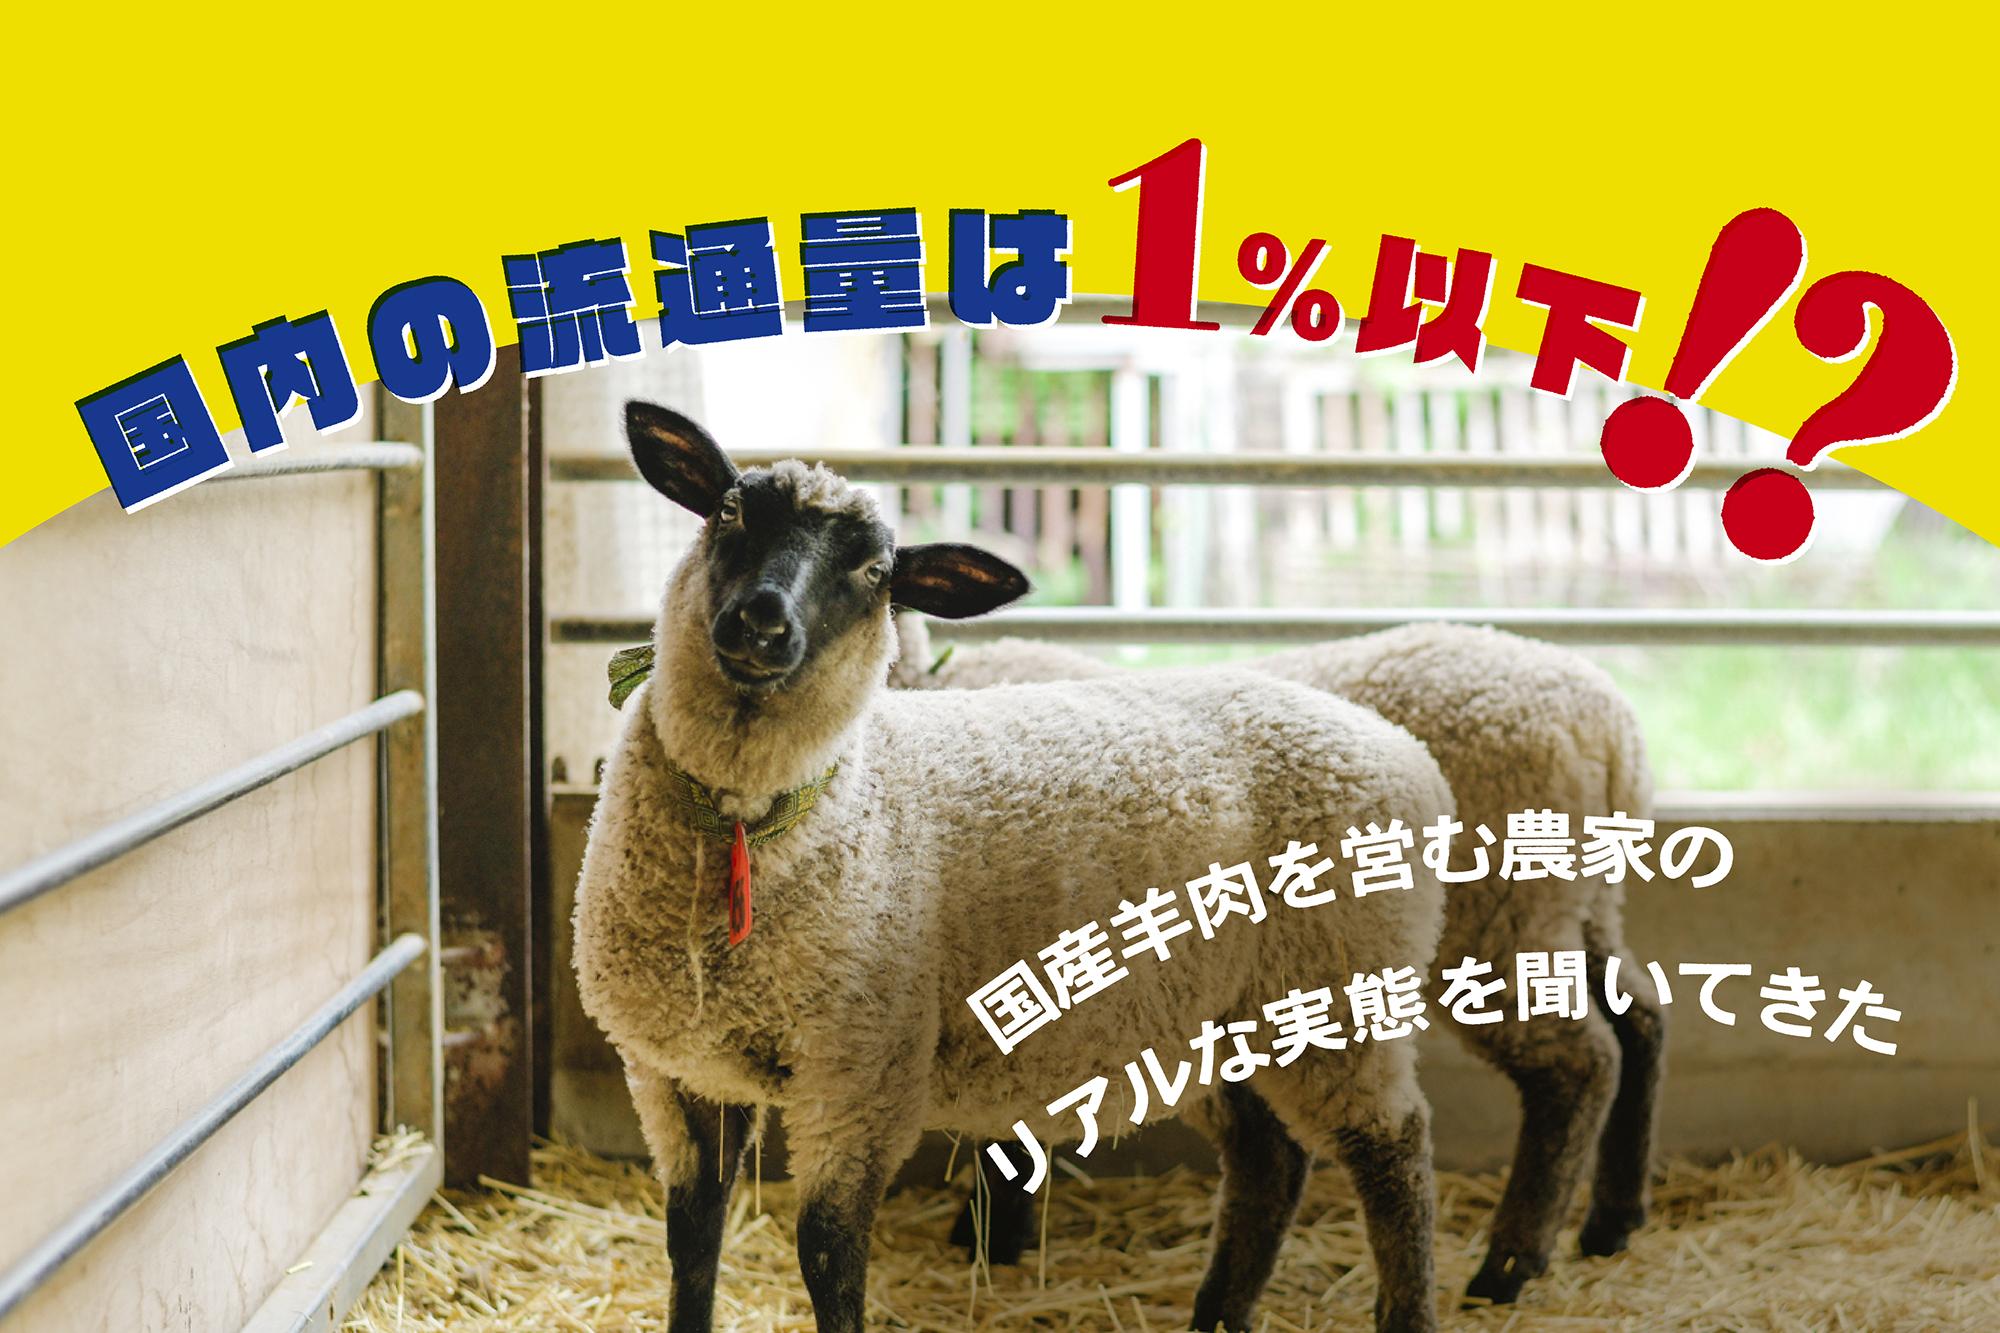 国内の流通量は1%以下!? 国産羊肉を営む農家のリアルな実態を聞いてきた